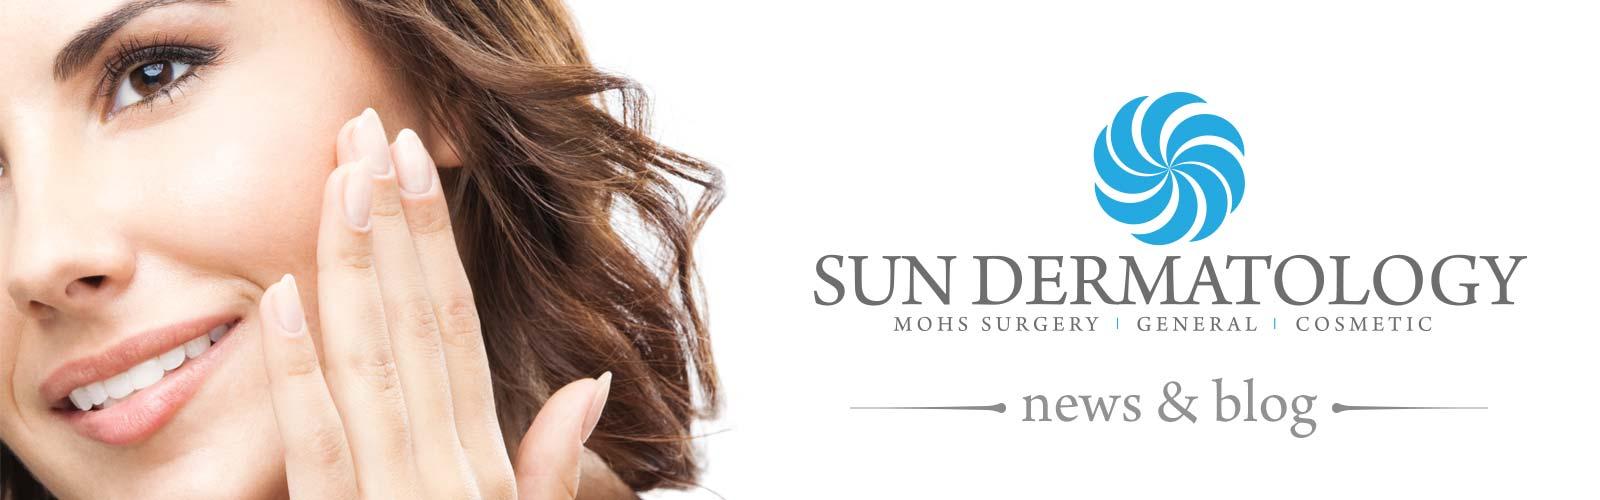 Sun Dermatology Panama City News and Blog